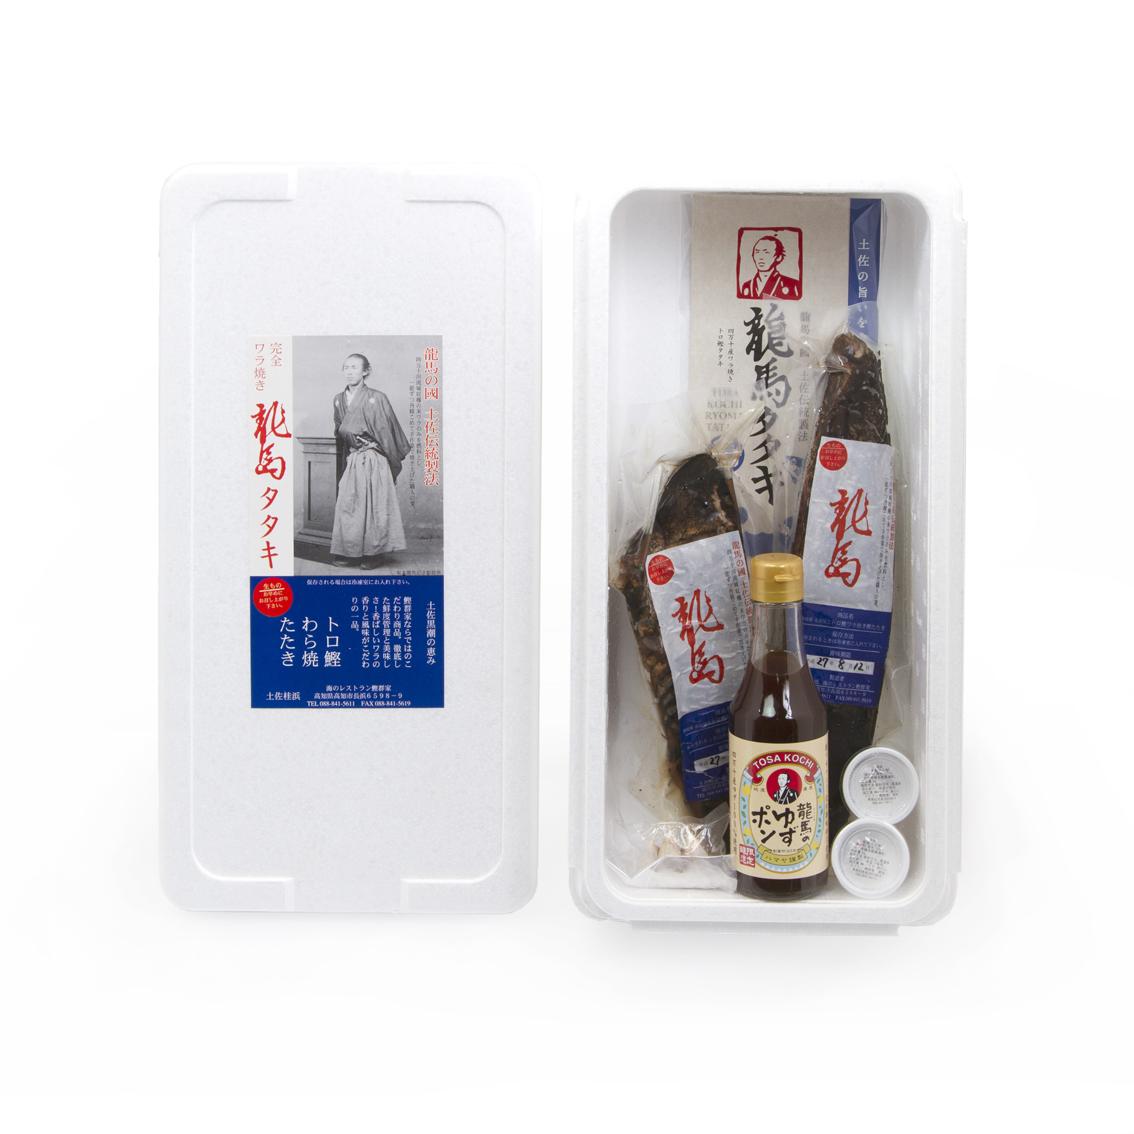 完全ワラ焼き鰹タタキ「龍馬タタキ」